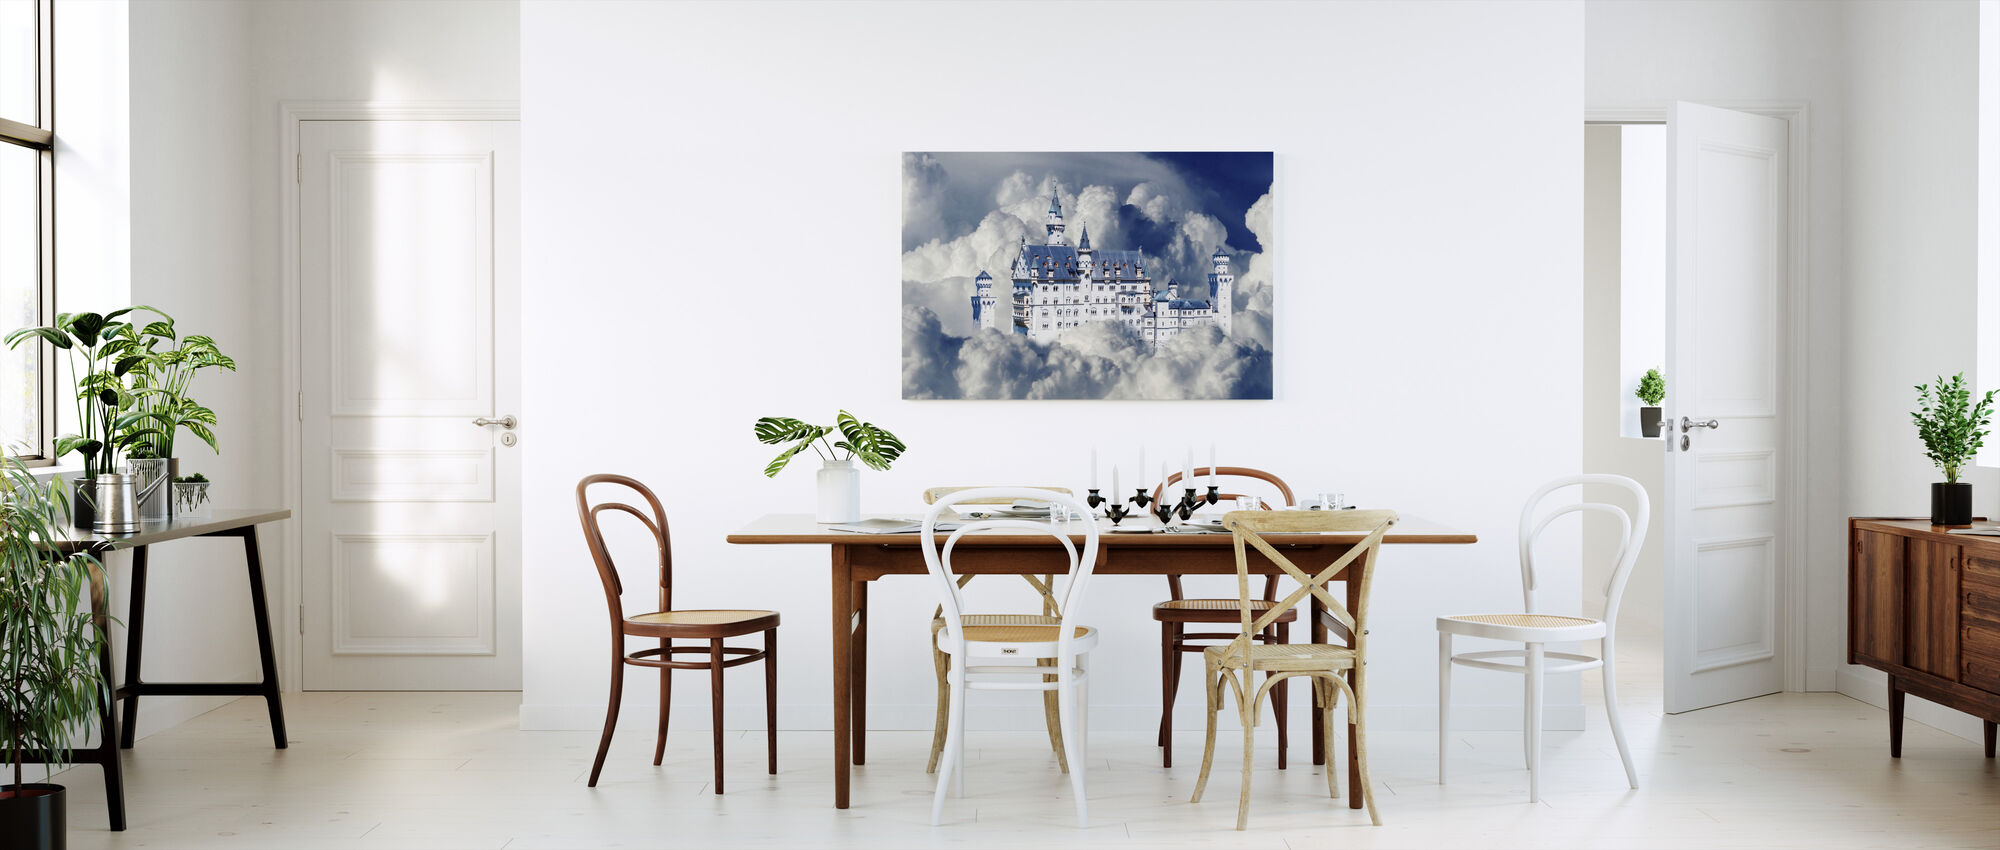 Fairy Tale Castle - Canvas print - Kitchen